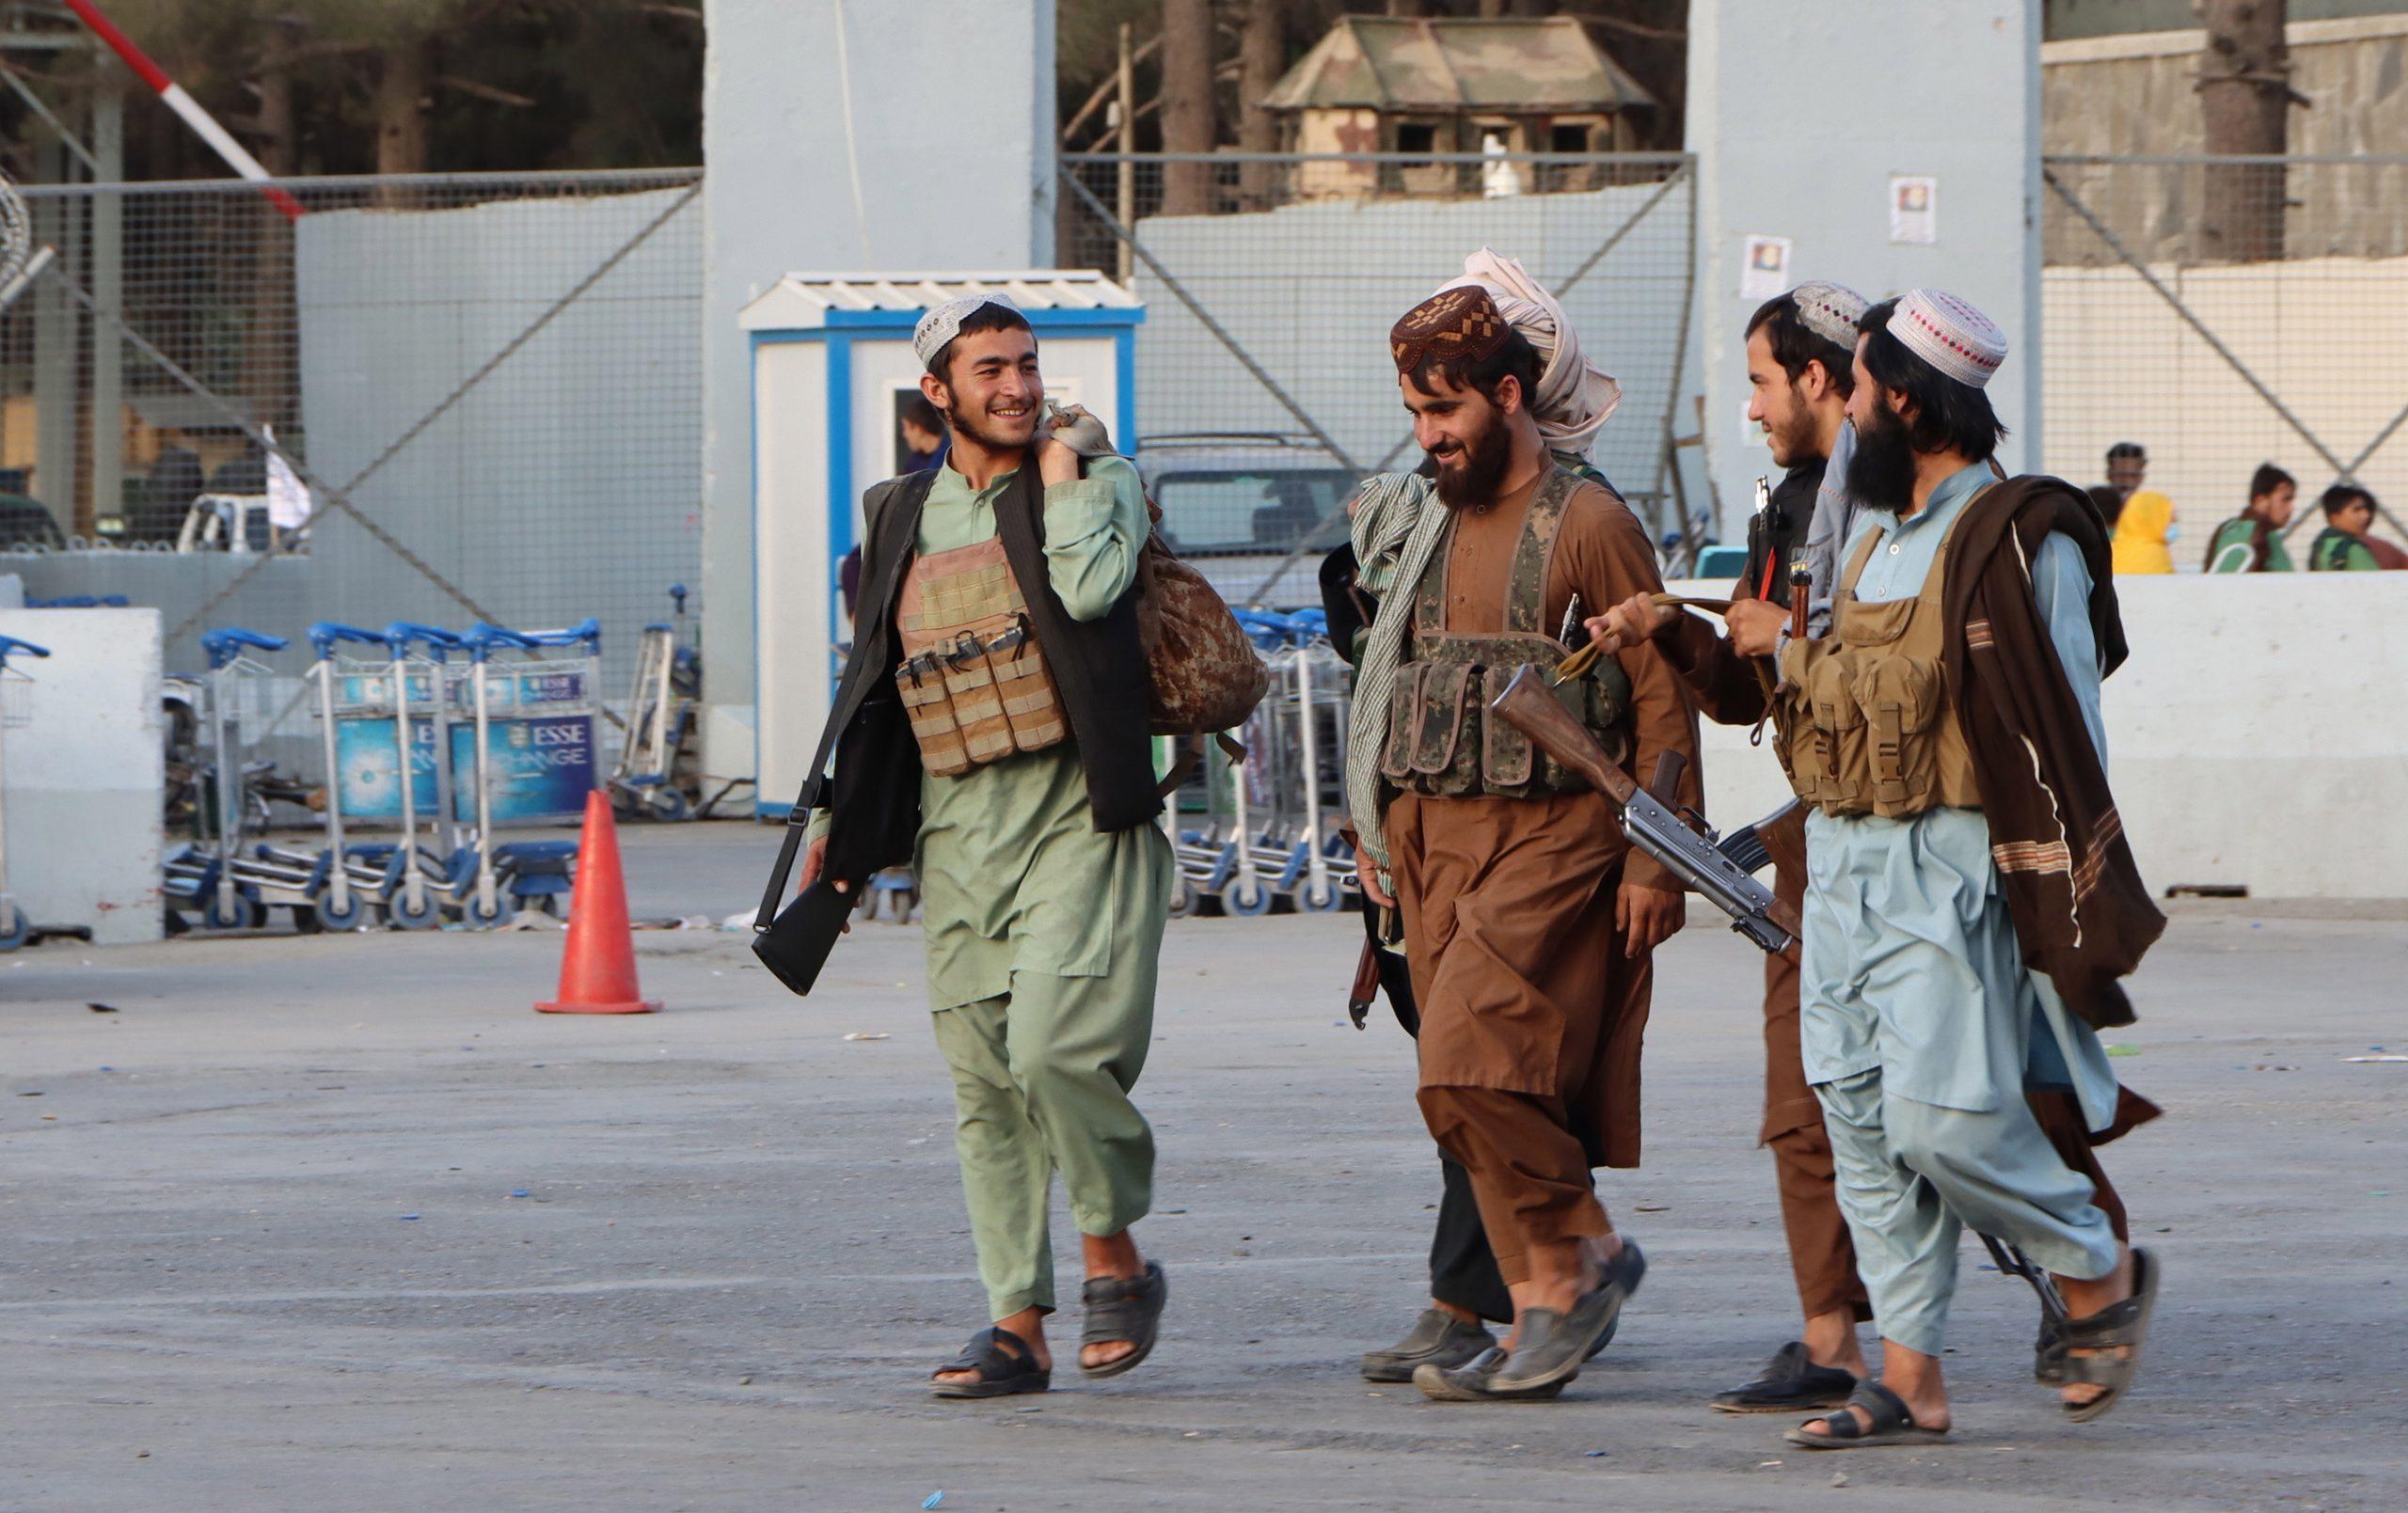 """الانسحاب من أفغانستان من منظور إسرائيلي.. """"الضعف الأميركي سيكلّف إسرائيل ثمناً باهظاً""""!"""